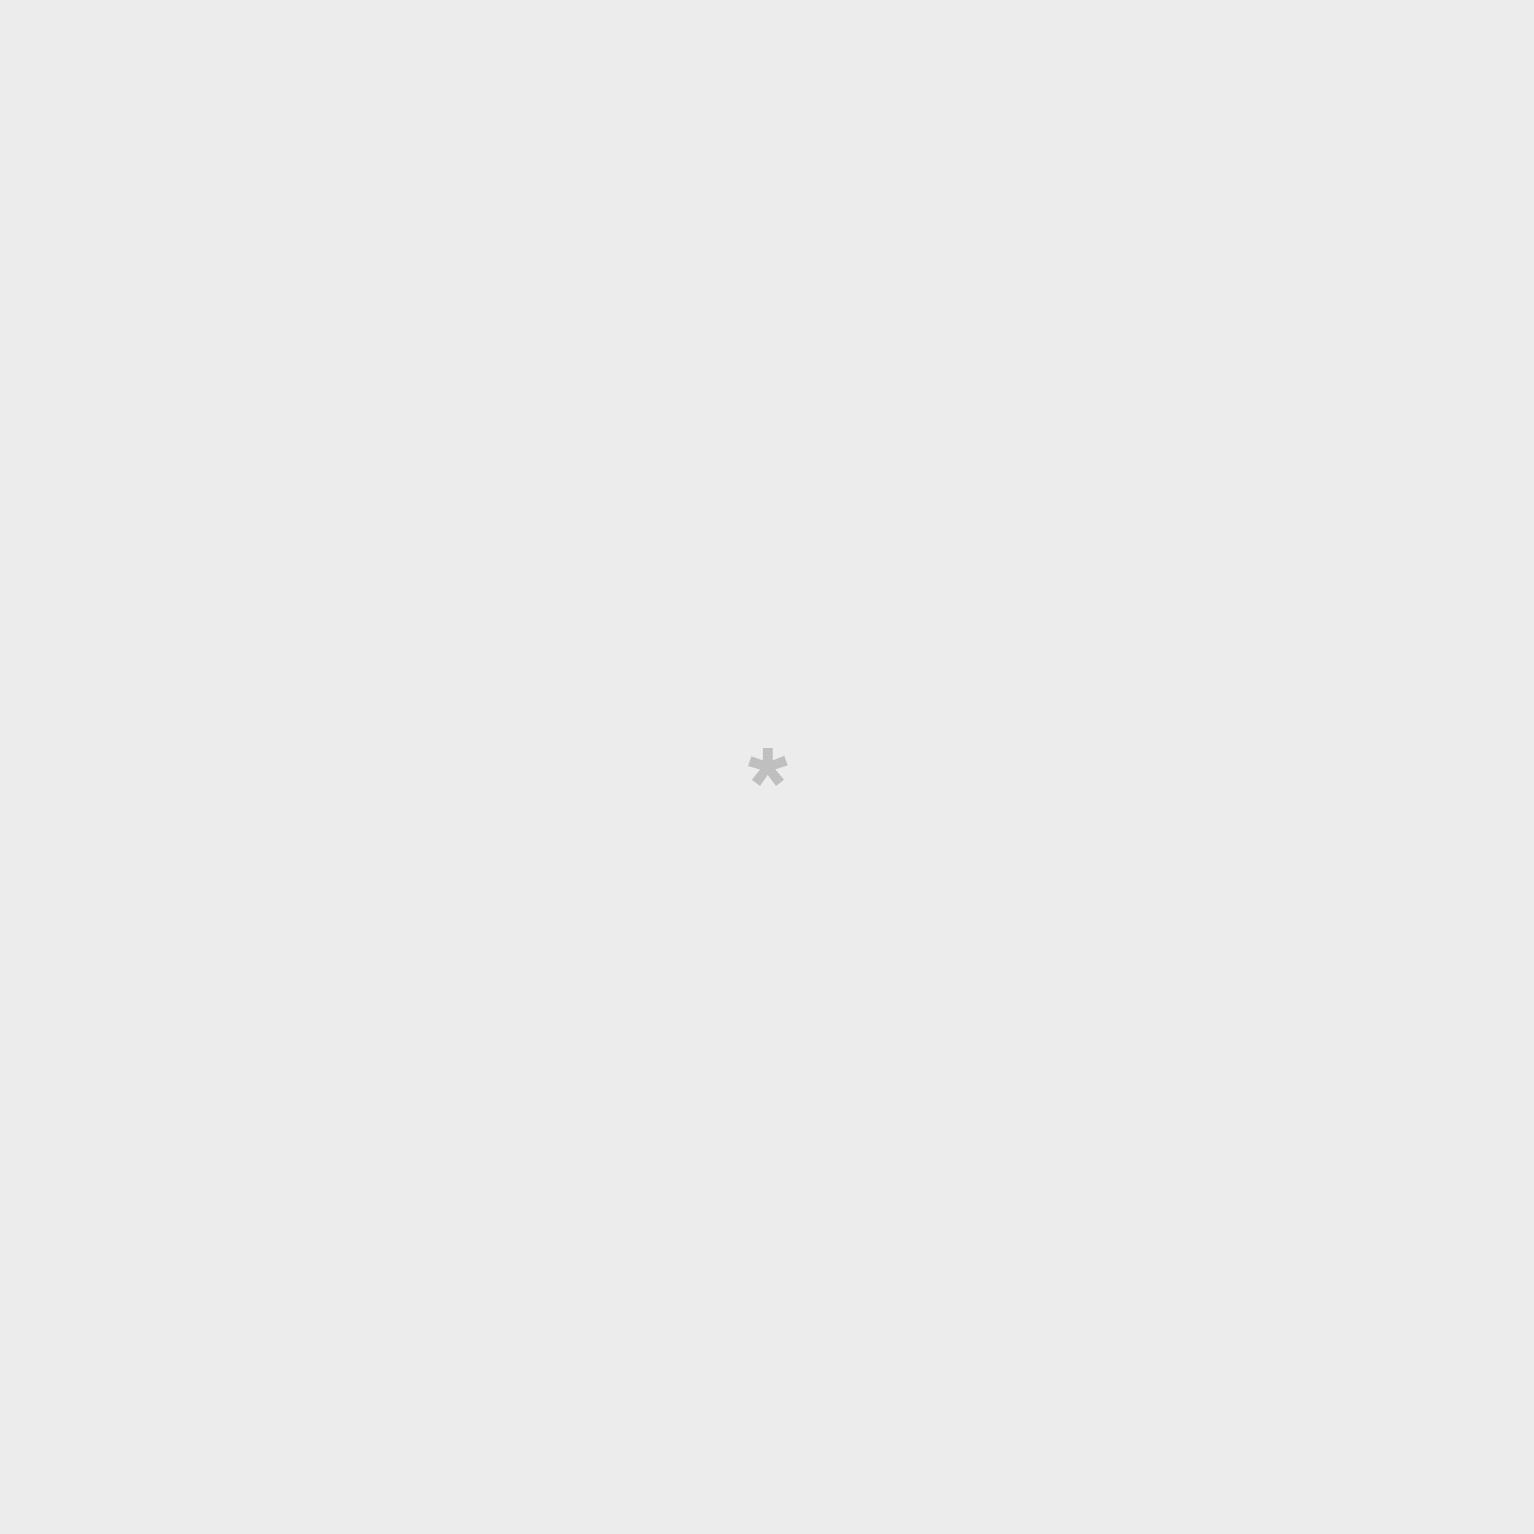 Cahier d'autocollants et de notes adhésives « rien ne m'échappe »